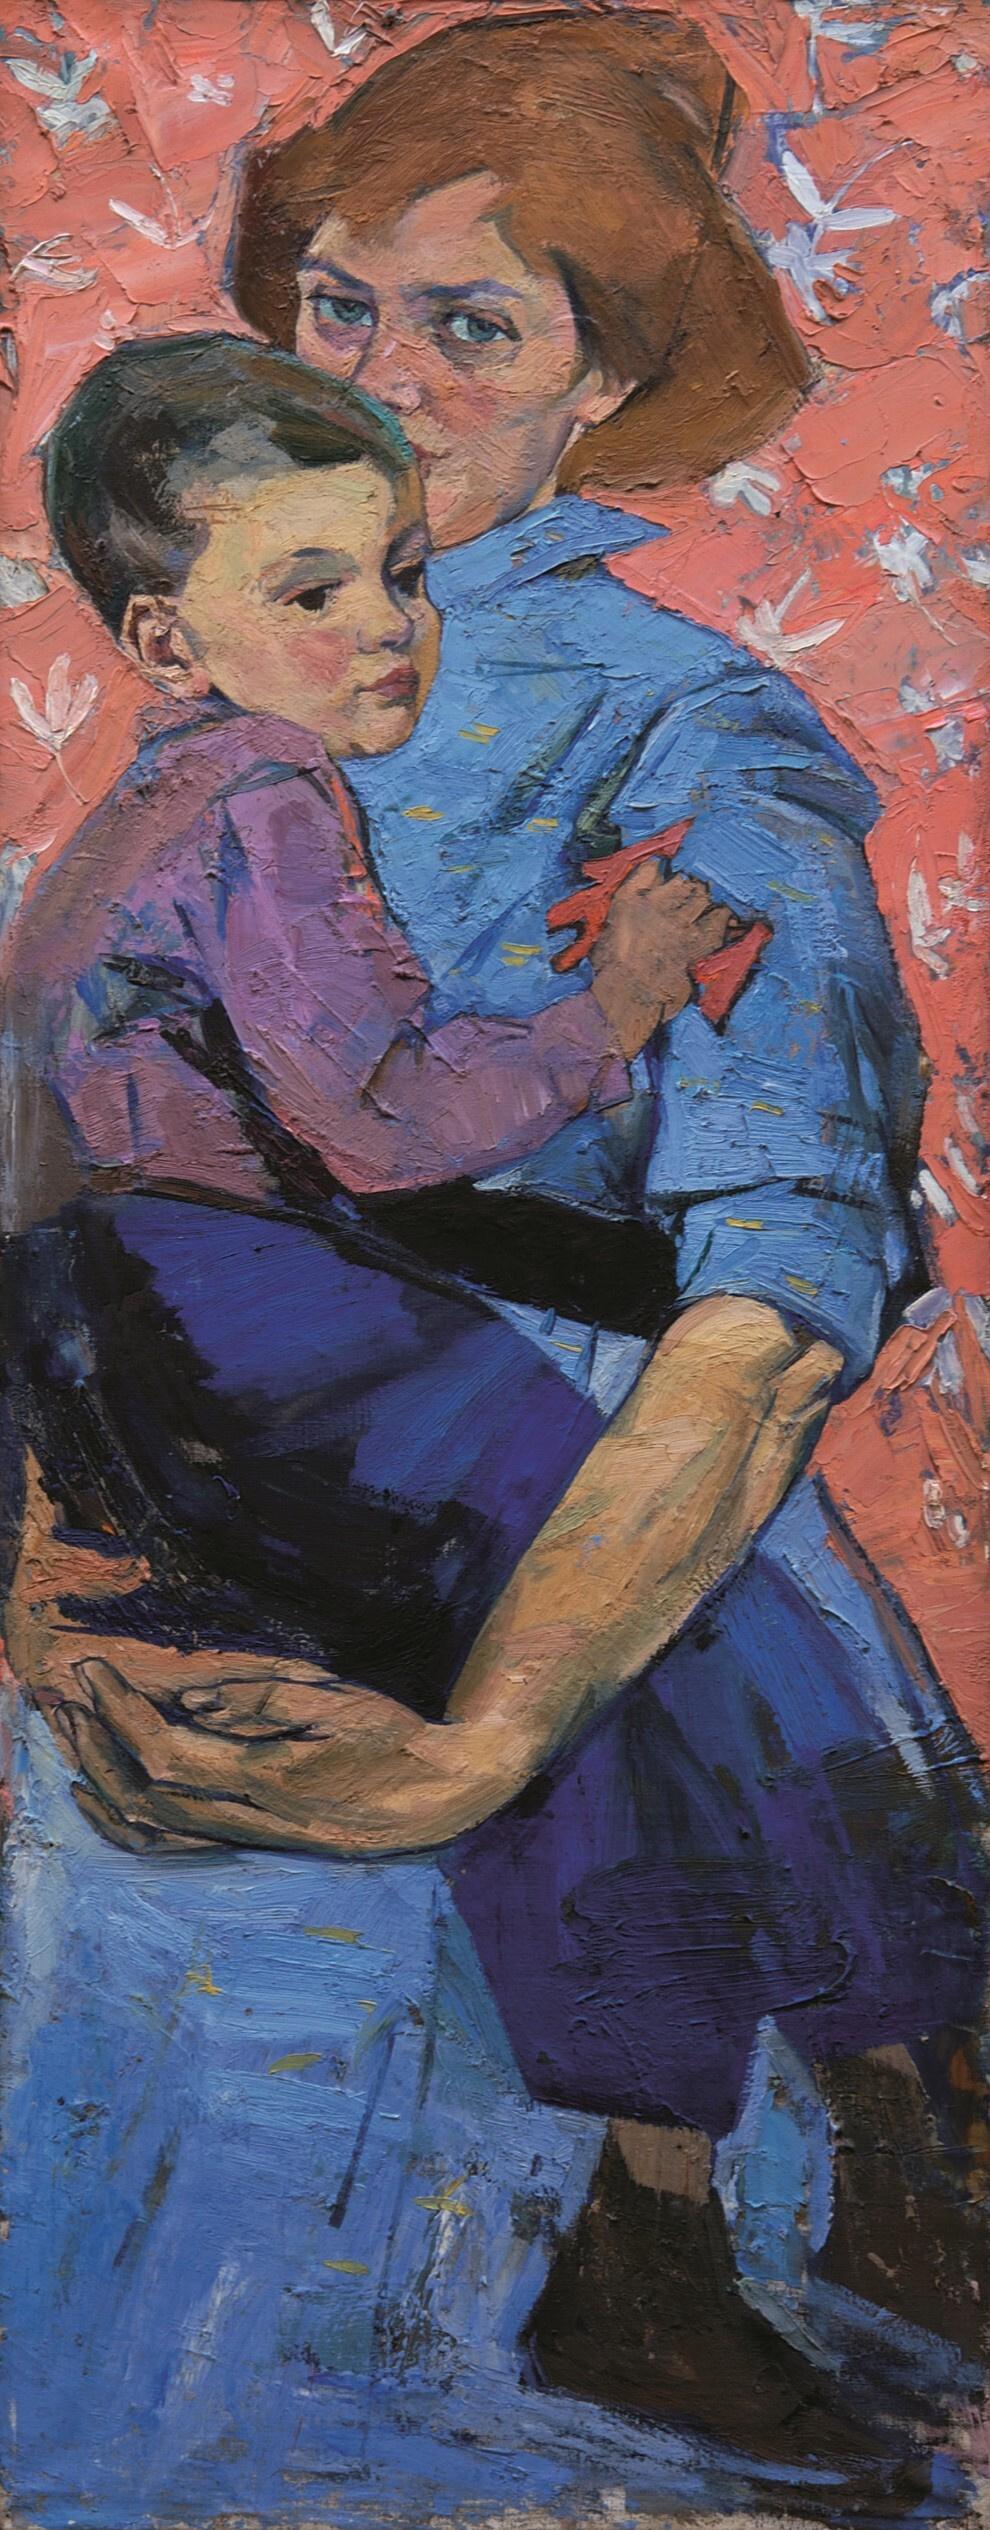 Алла Александровна Горская. Self portrait with son